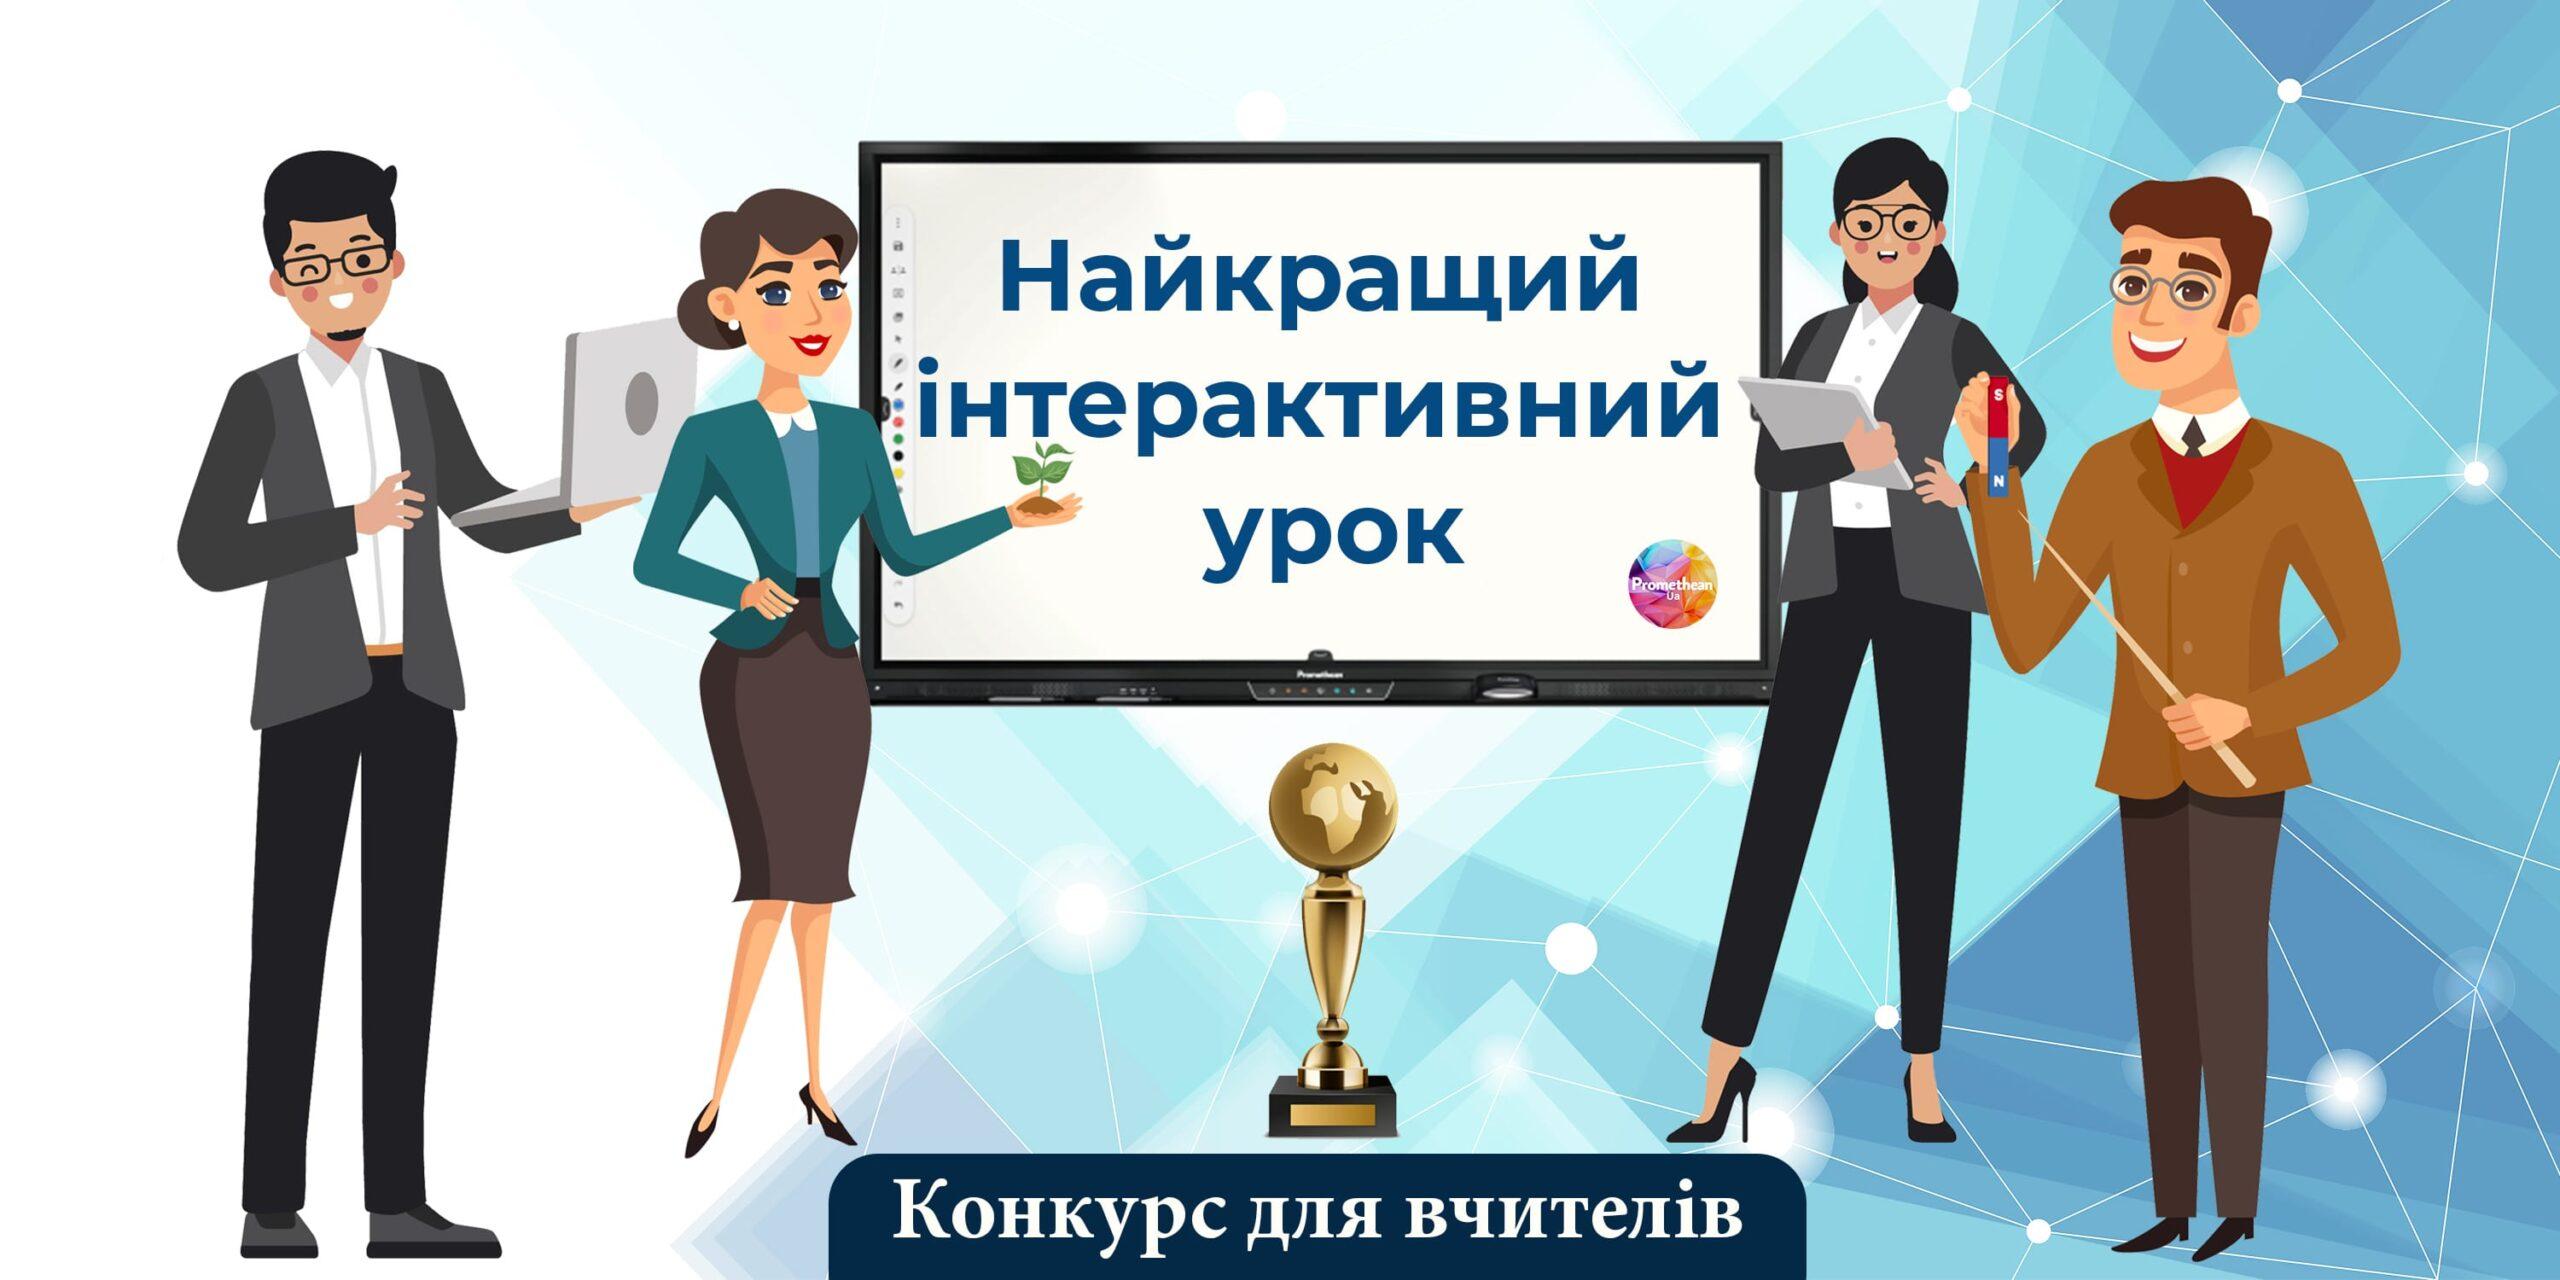 """Конкурс для вчителів: """"Найкращий інтерактивний урок"""""""